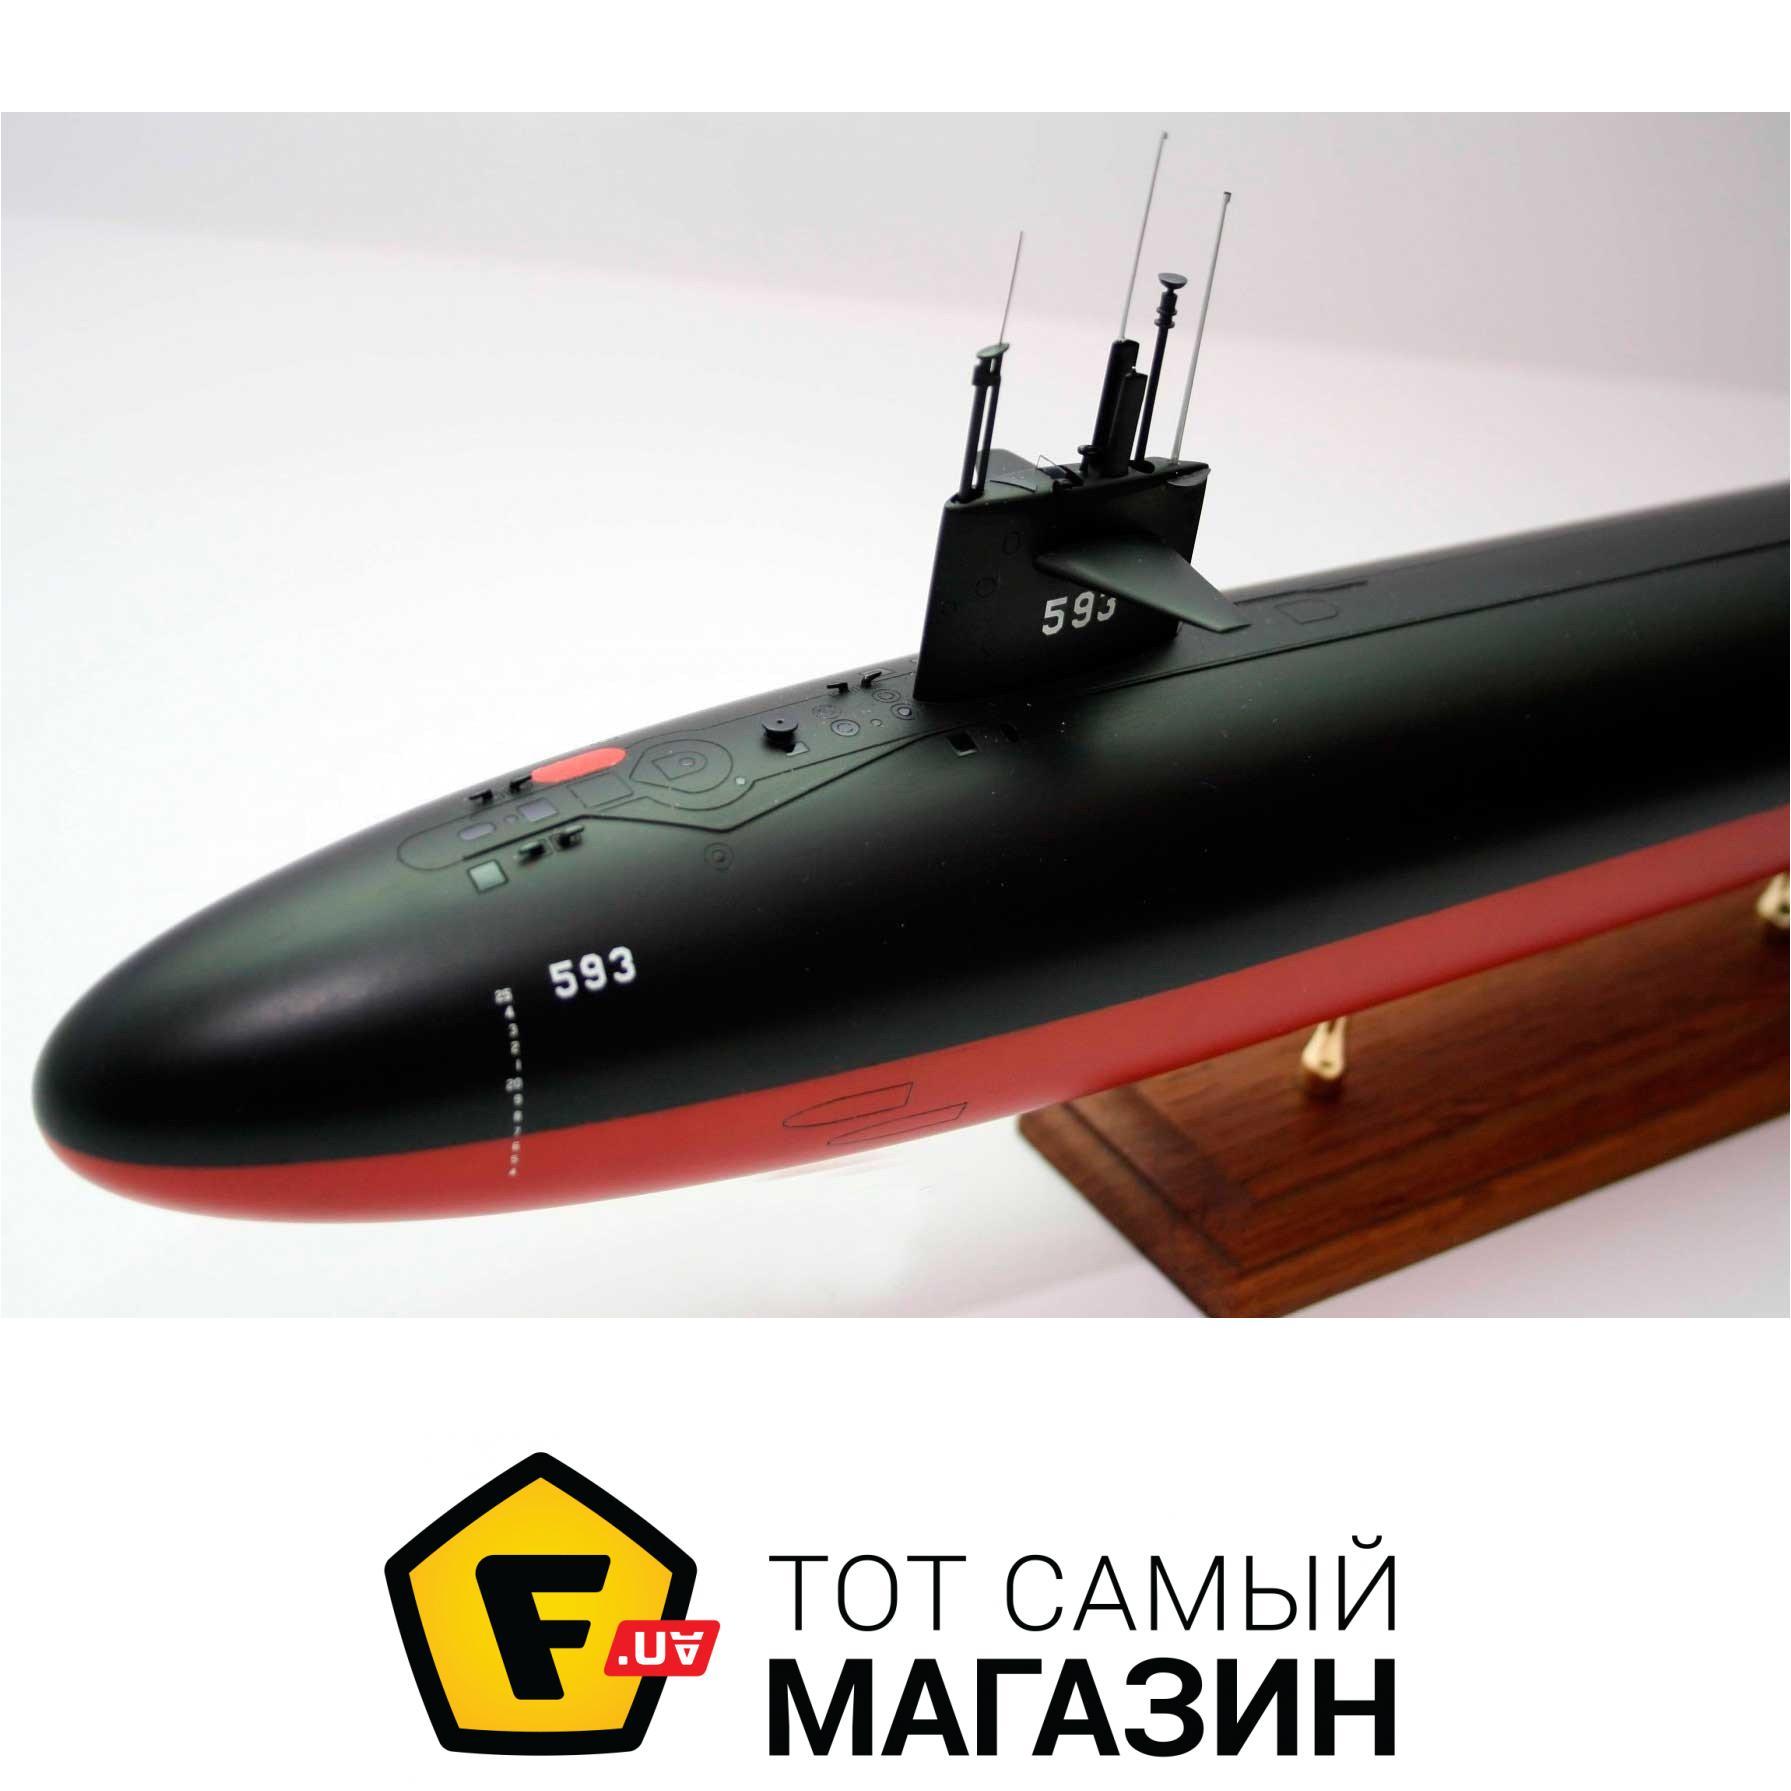 метод поможет фото подводной лодки трешер затем один год